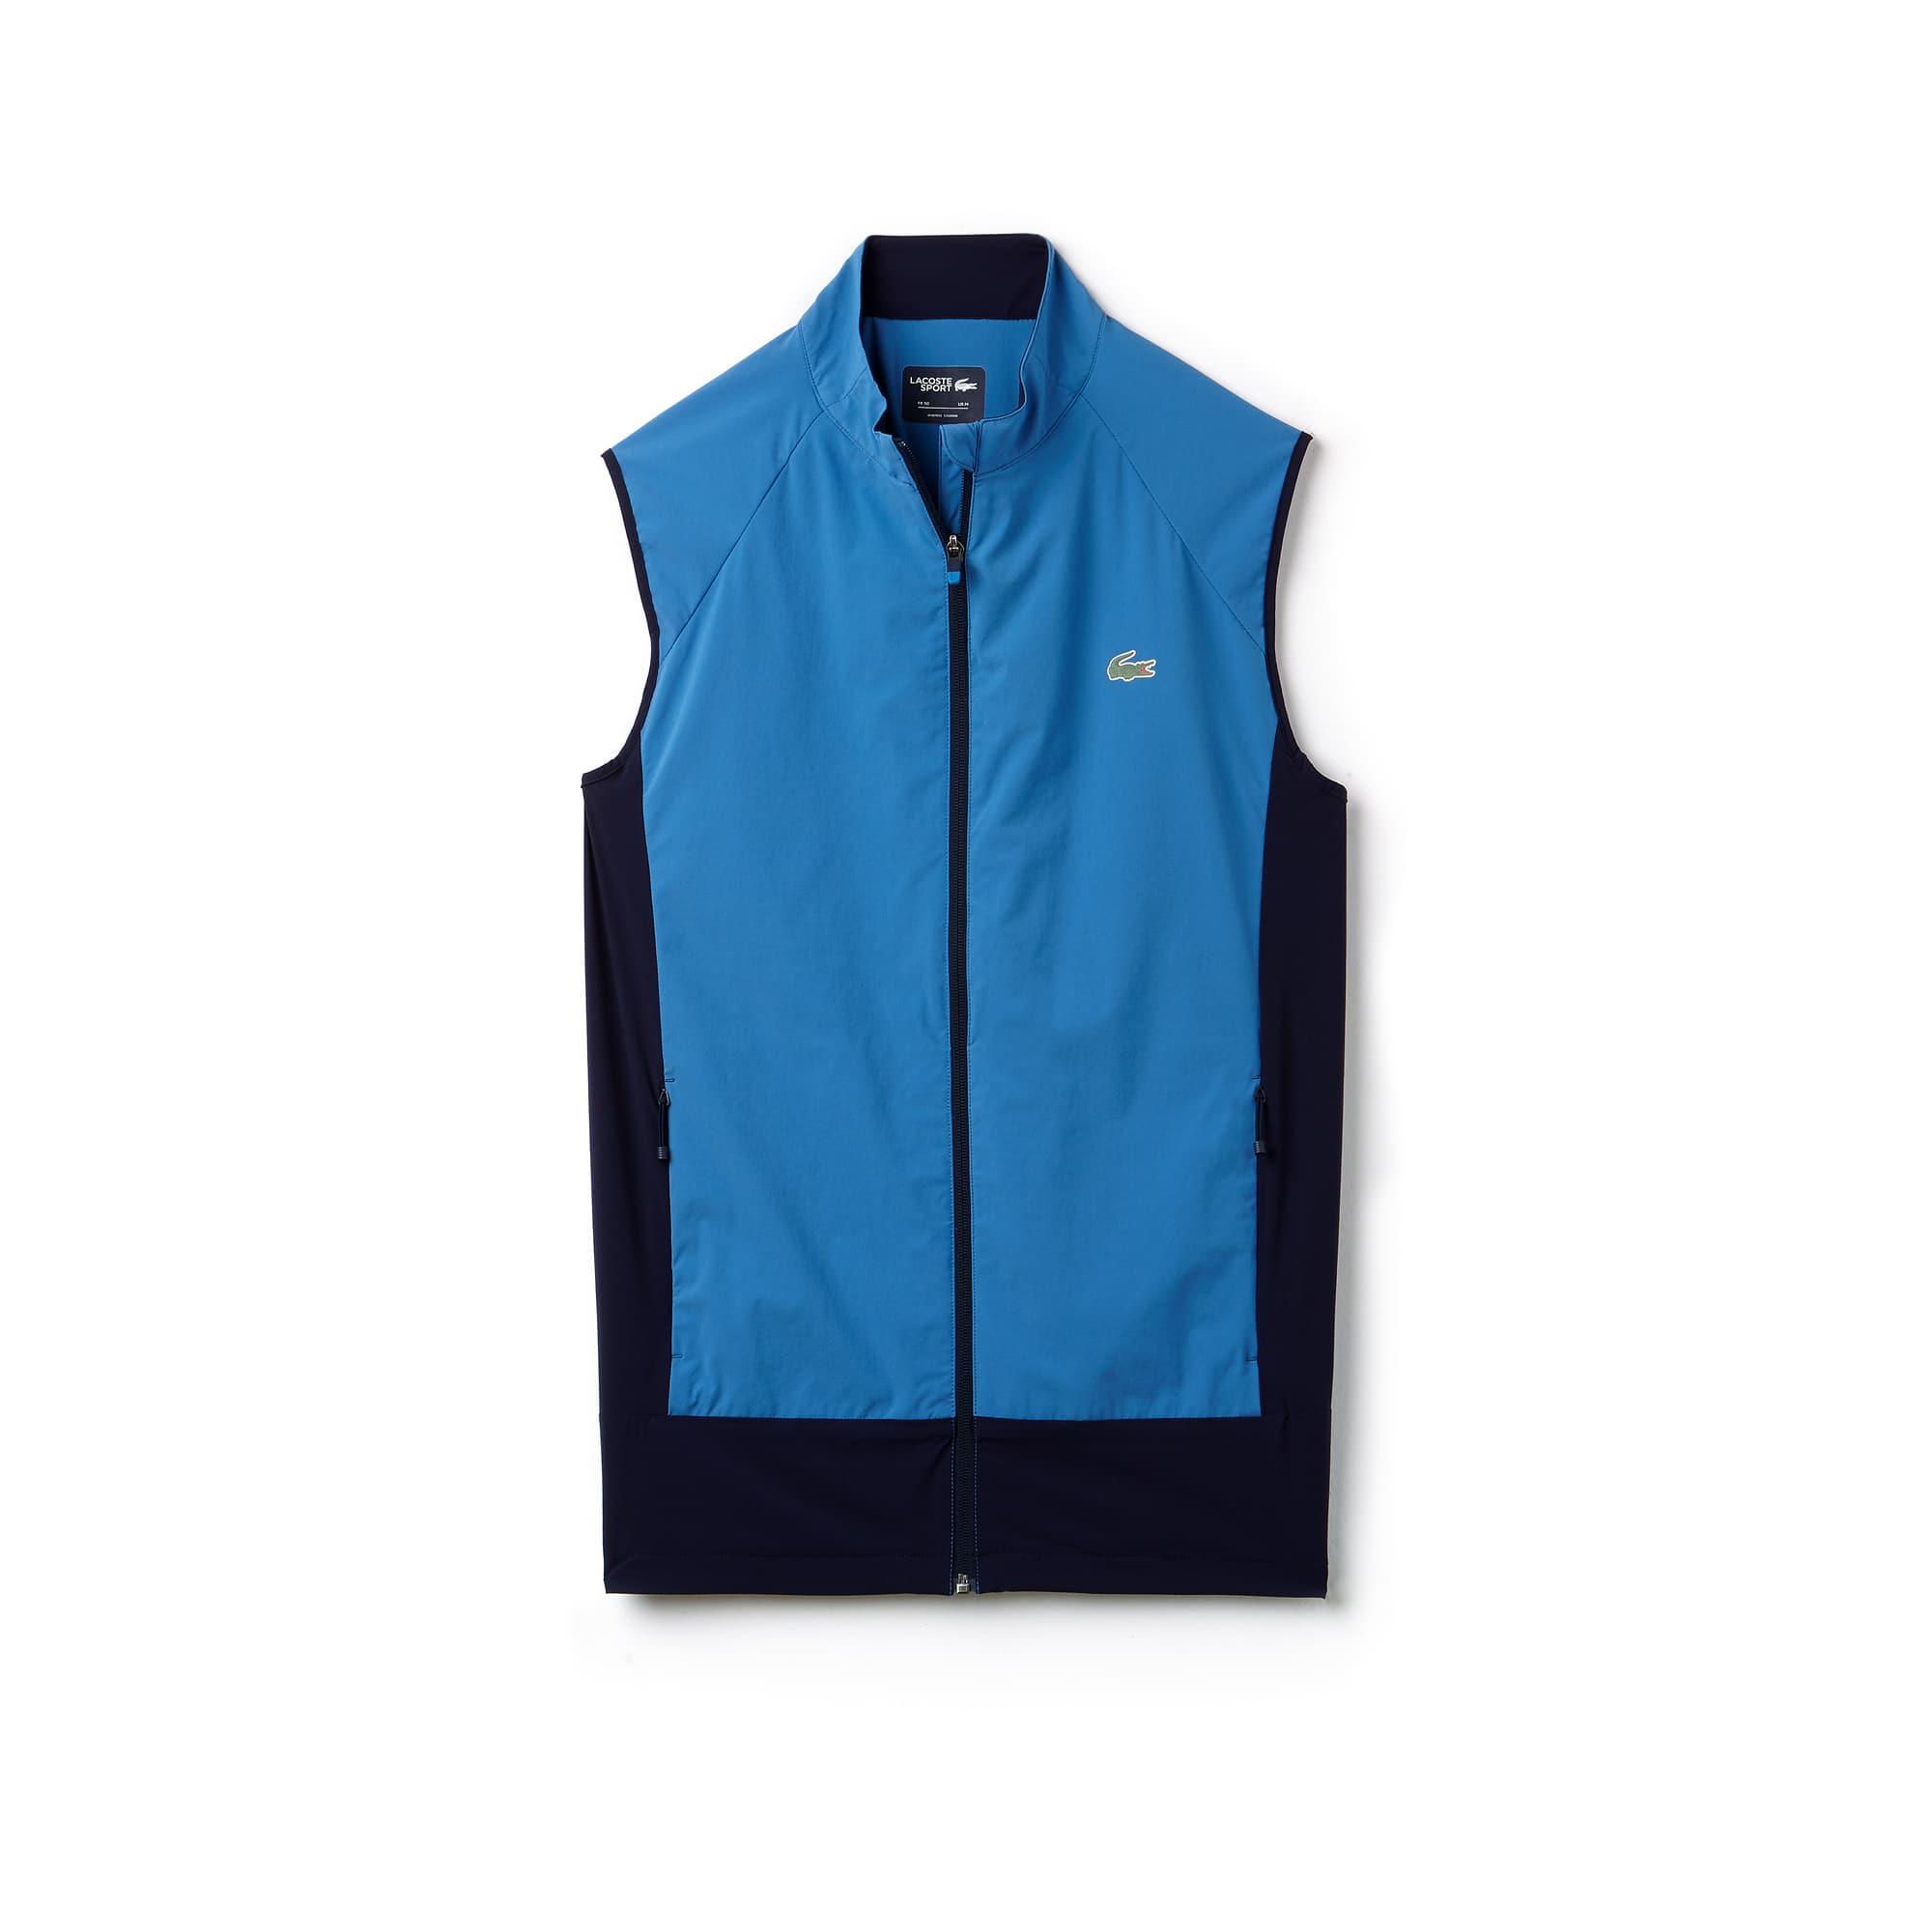 Lacoste SPORT Golf-vest heren technisch taf colorblock gewatteerd